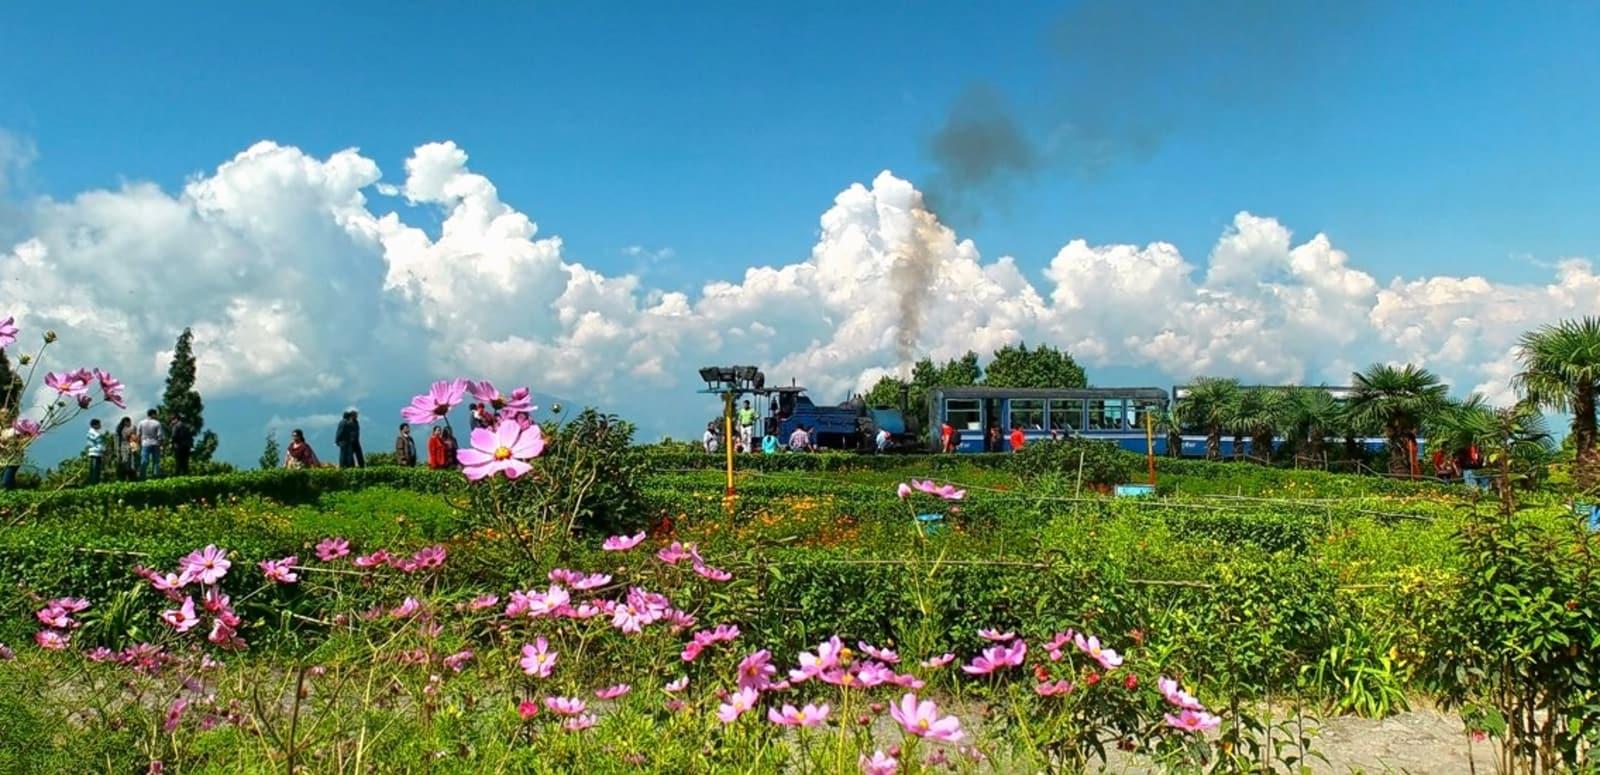 Darjeeling-wikipedia.jpg